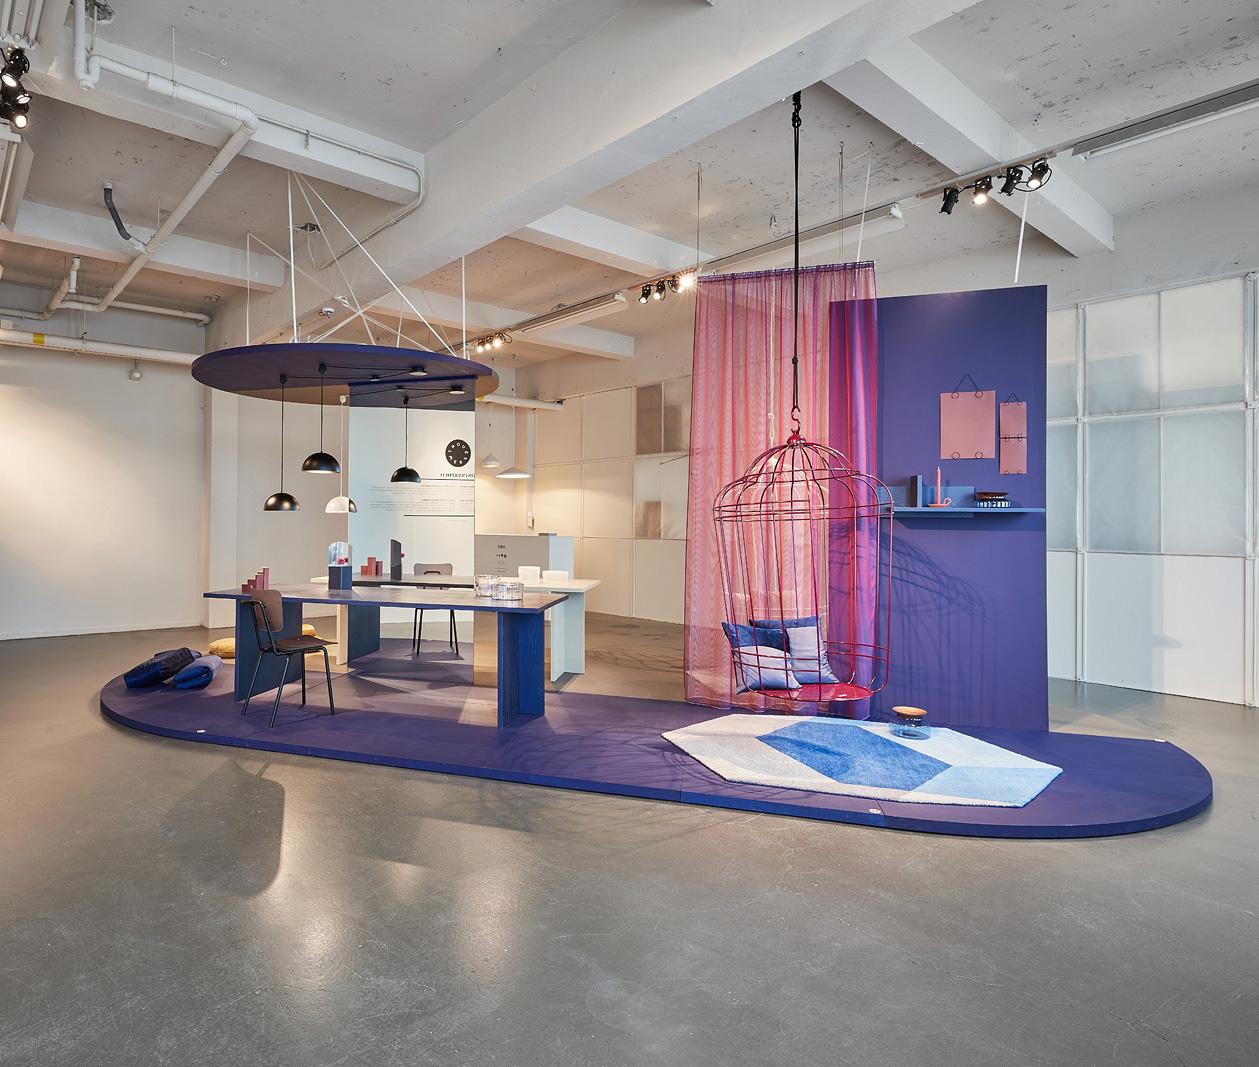 Exhibition: Dutch Design Week 2017